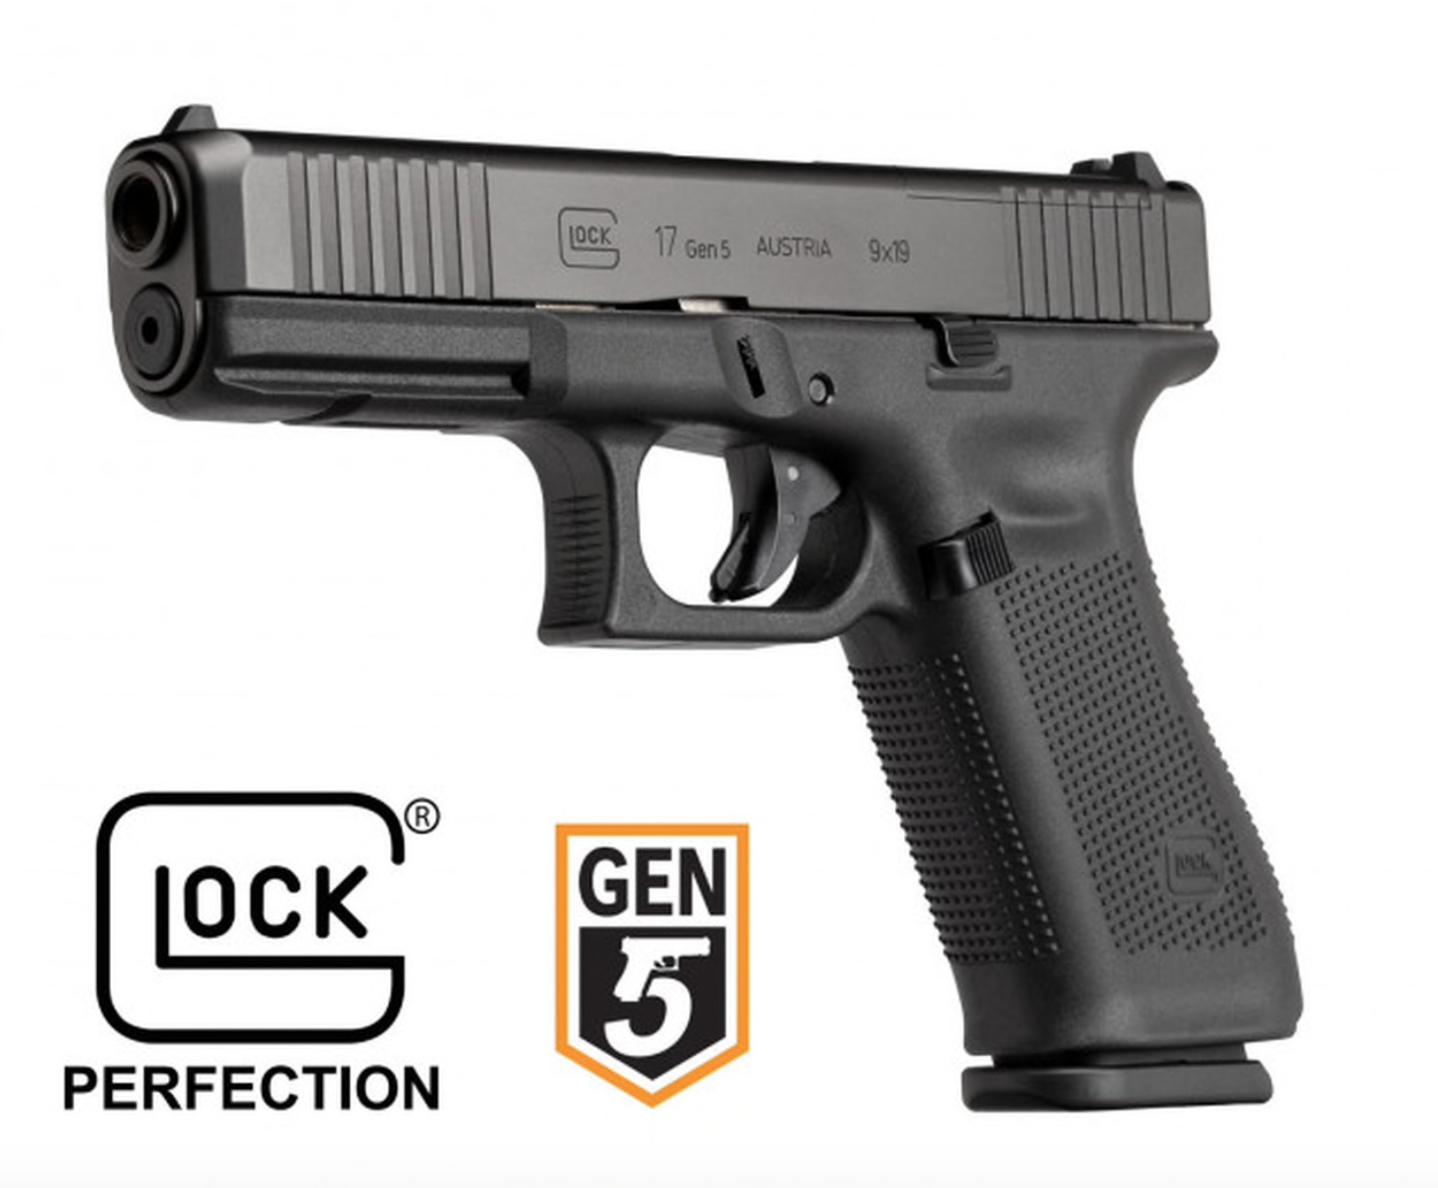 Glock Glock 17 Gen 5 MOS FS Pistol 9mm